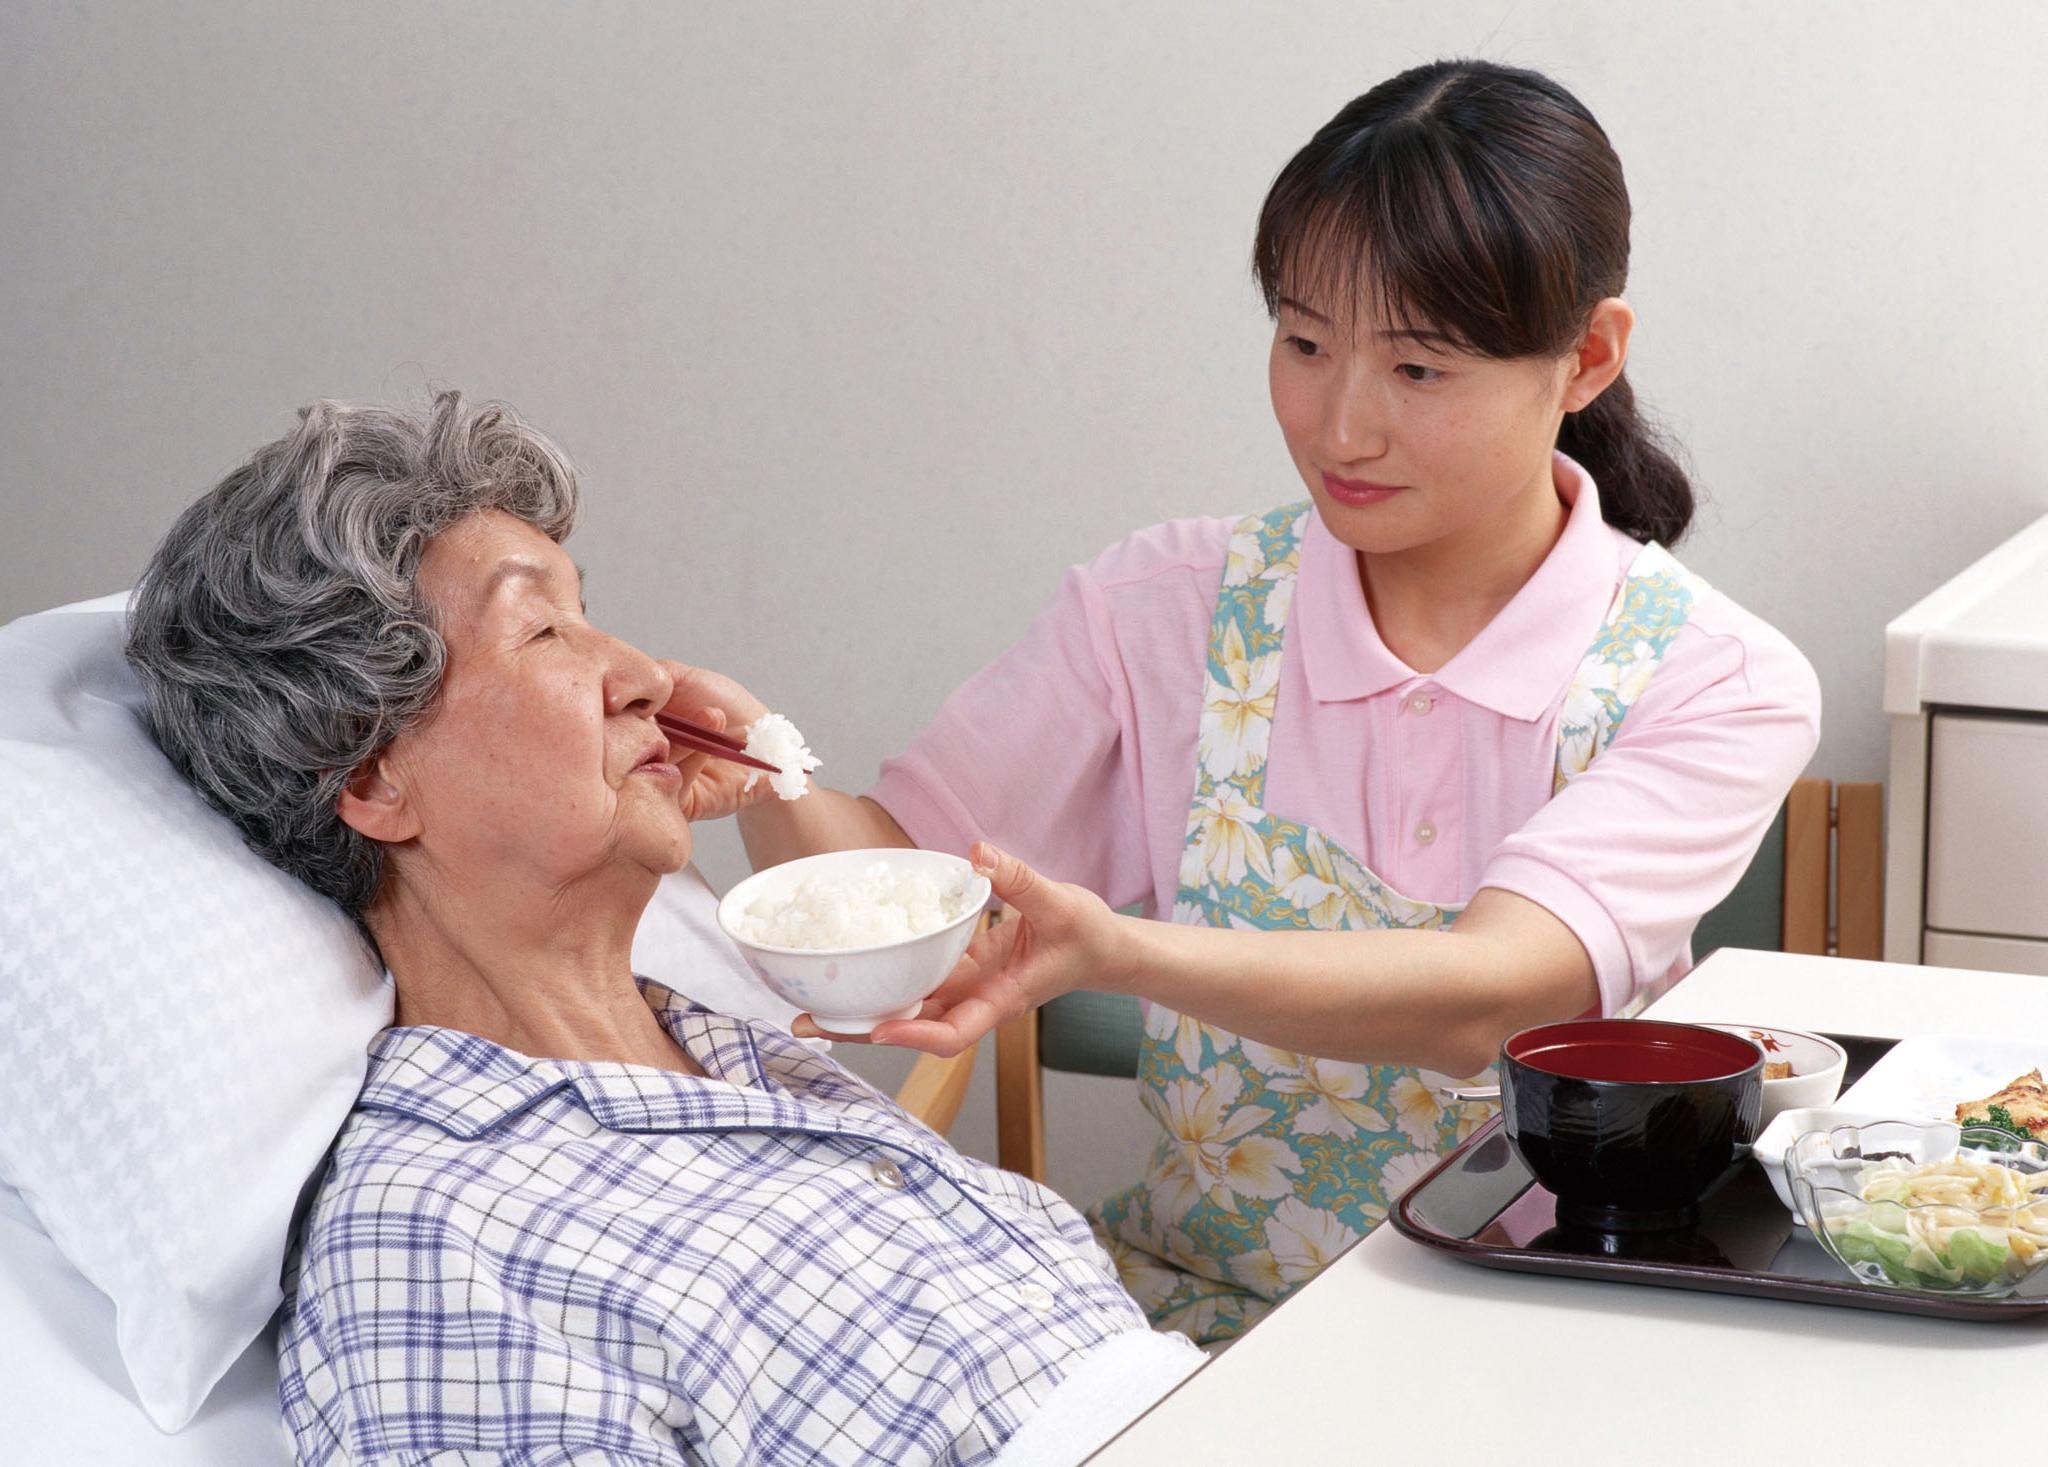 照顧陷入長照情況的家人不只是「家務事」,政府可提供許多資源與協助。